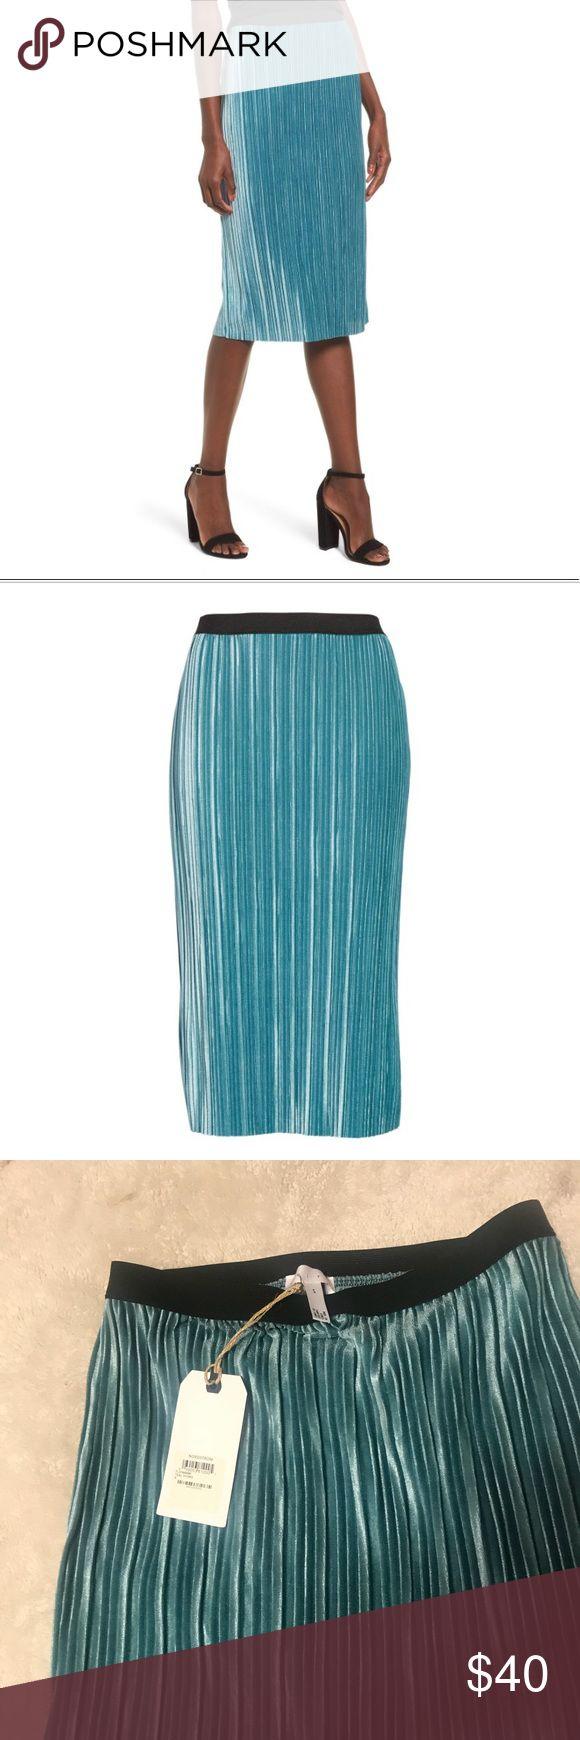 NWT Velour skirt - Nordstrom's NWT Nordstrom velour skirt  92% poly 8% spandex Teal Nordstrom Skirts Midi